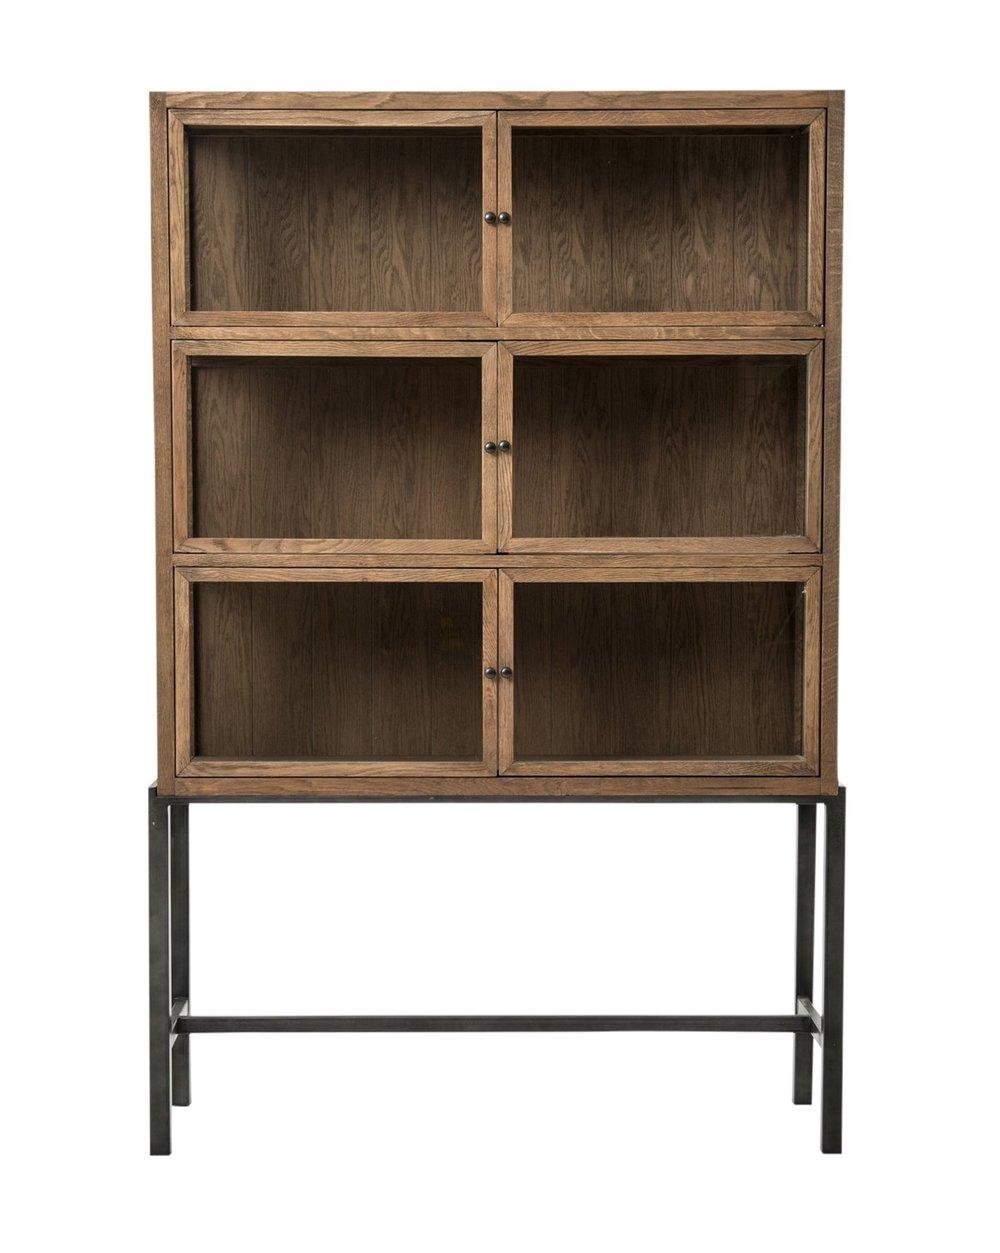 Lawley_Cabinet_8_985db3a7-2454-4a5e-b7e5-e405e44a35fd.jpg